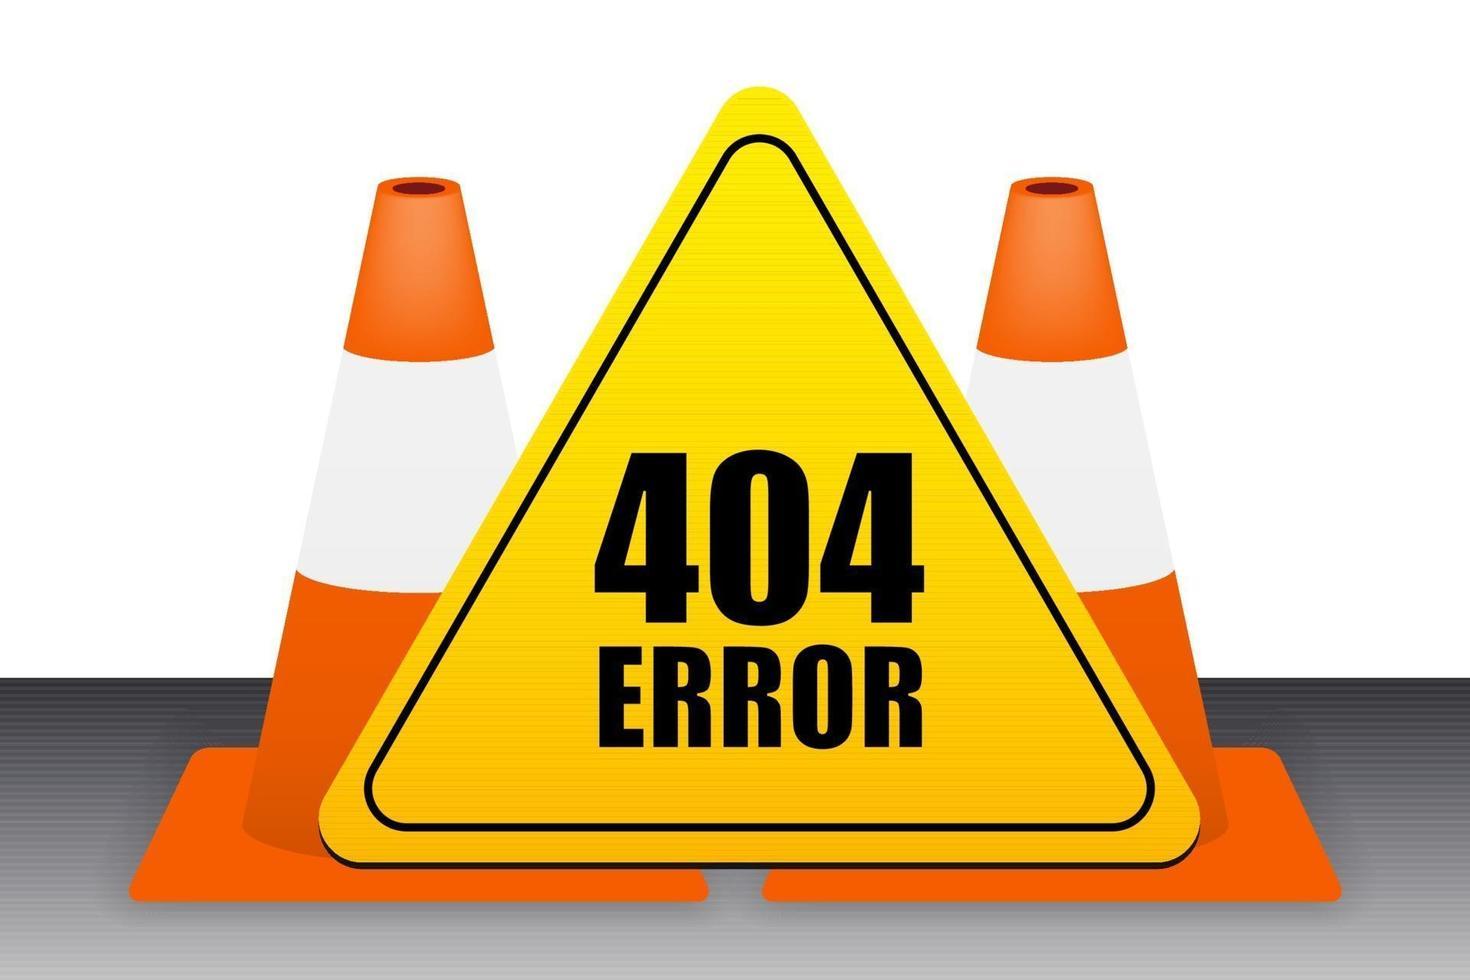 Segno di errore 404 con il vettore del cono di traffico